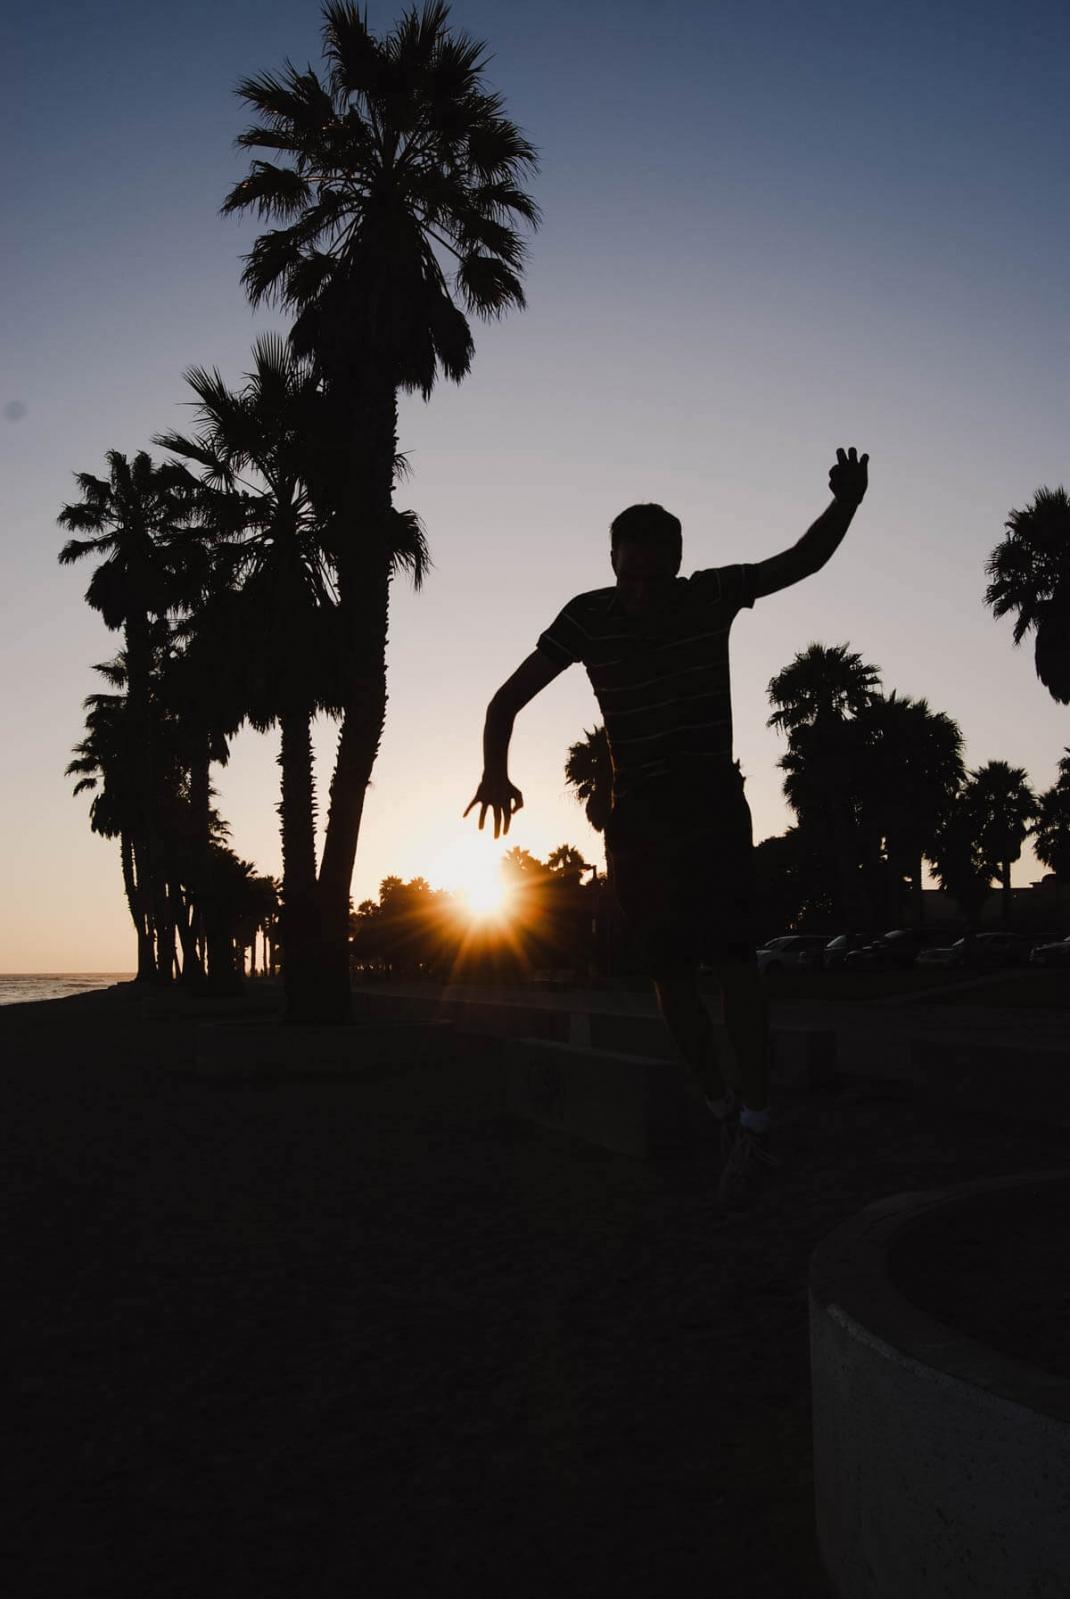 Kalifornien Silhouette von Palmen und Person im Sonnenuntergang